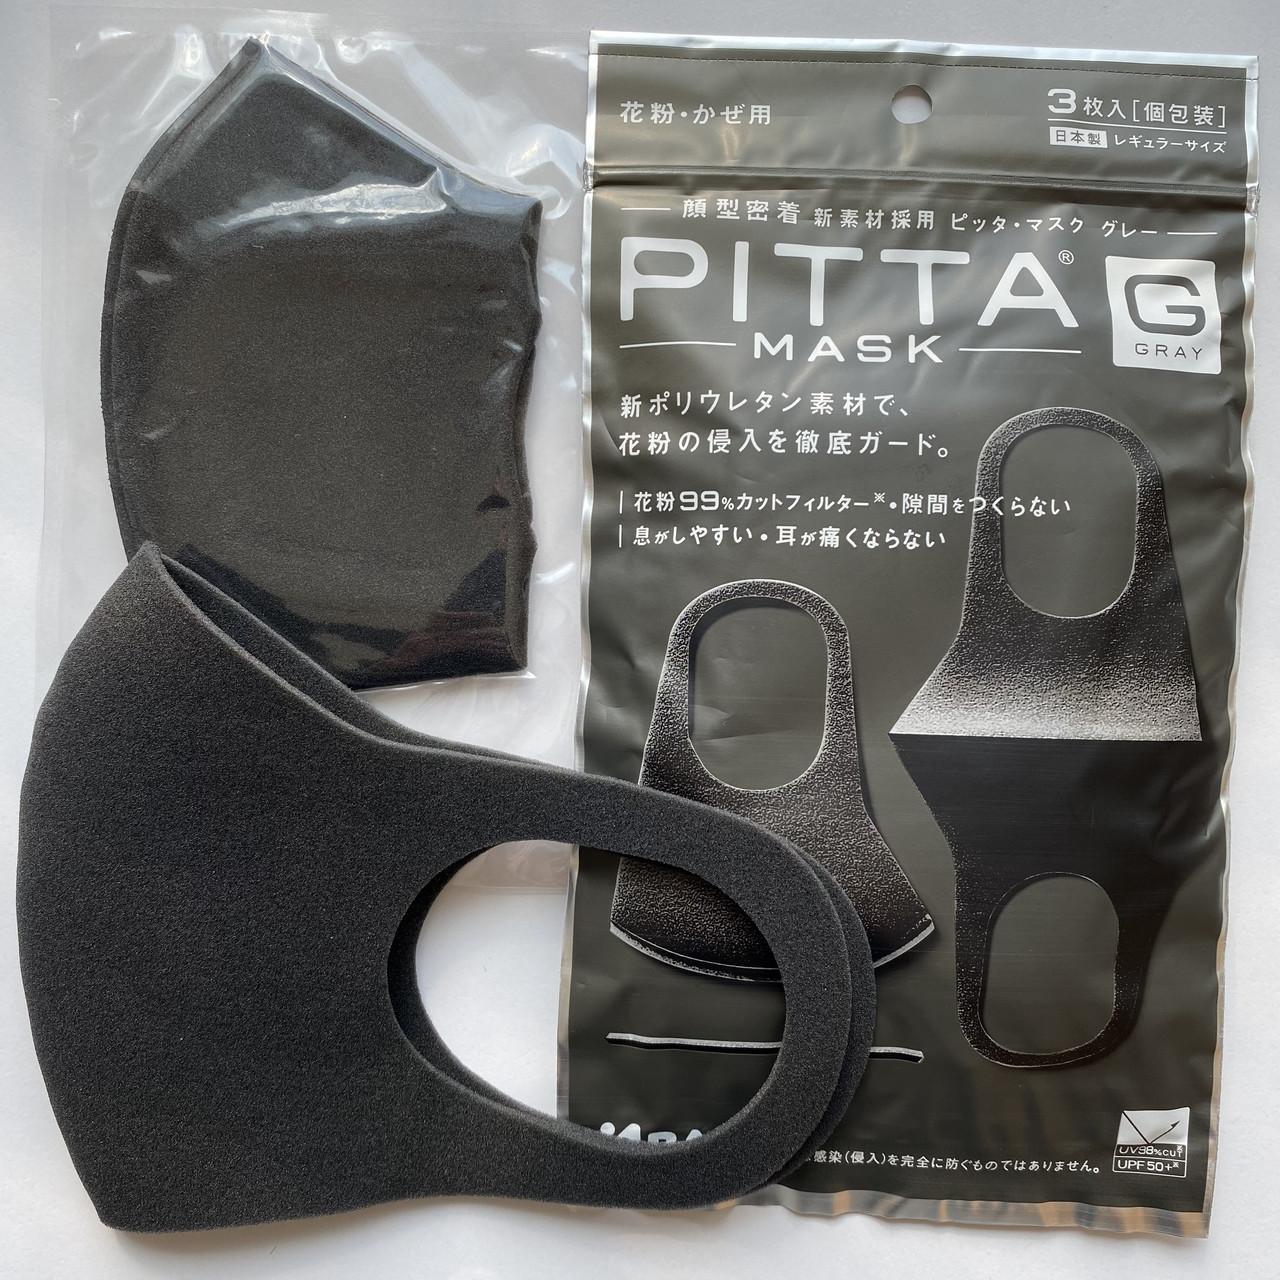 Маска многоразовая Pitta MASK Черная (пенополиуретан) 3 шт в упаковке